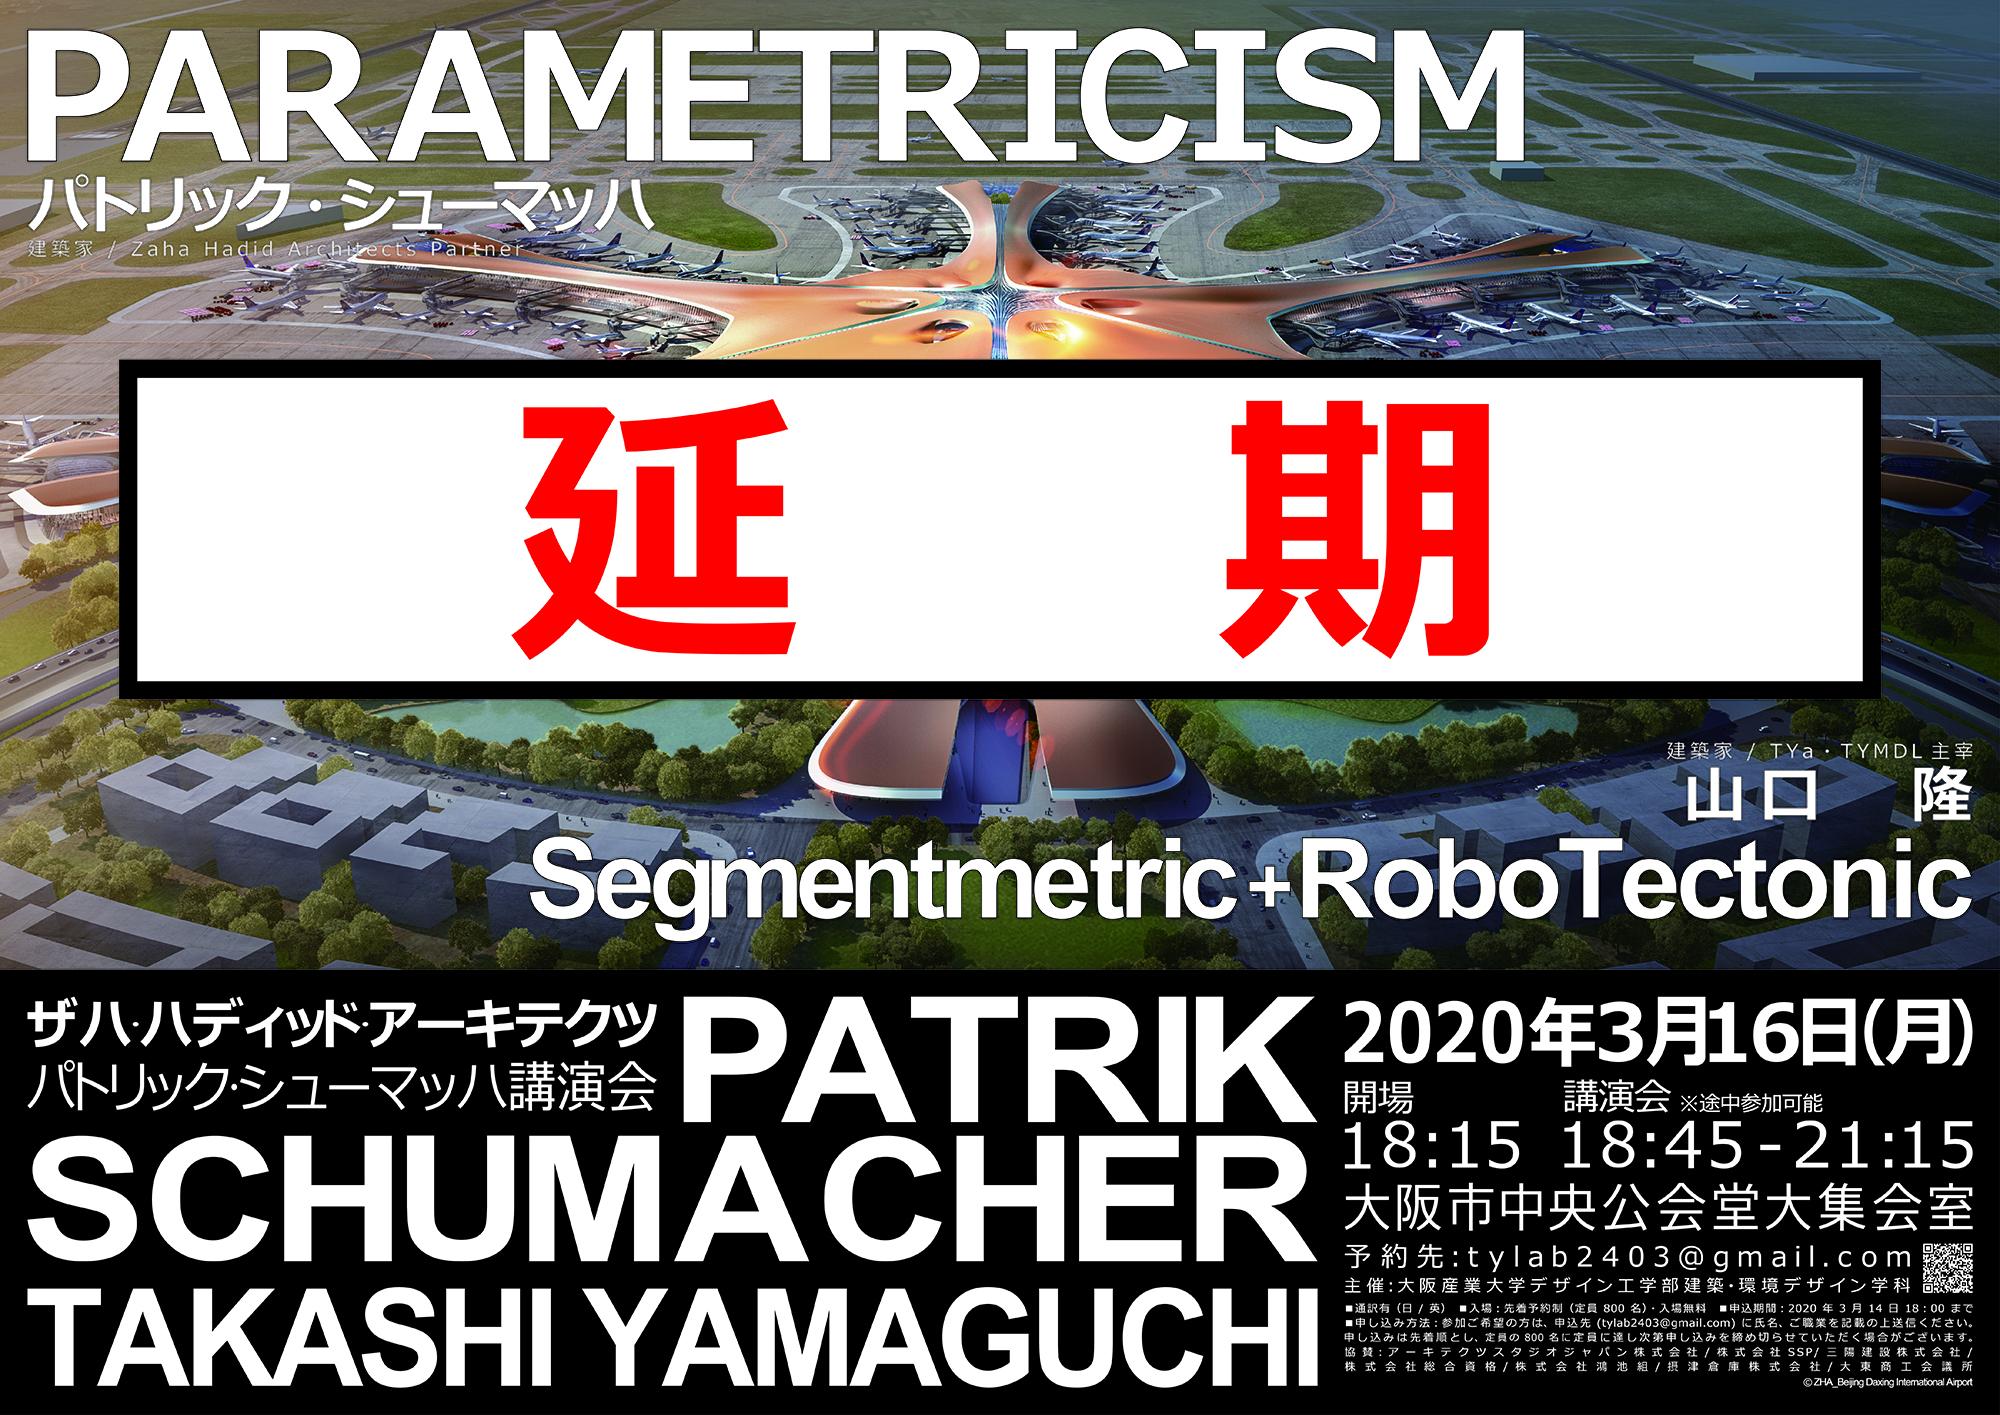 【延期】パトリック・シューマッハ特別講演会延期のお知らせ